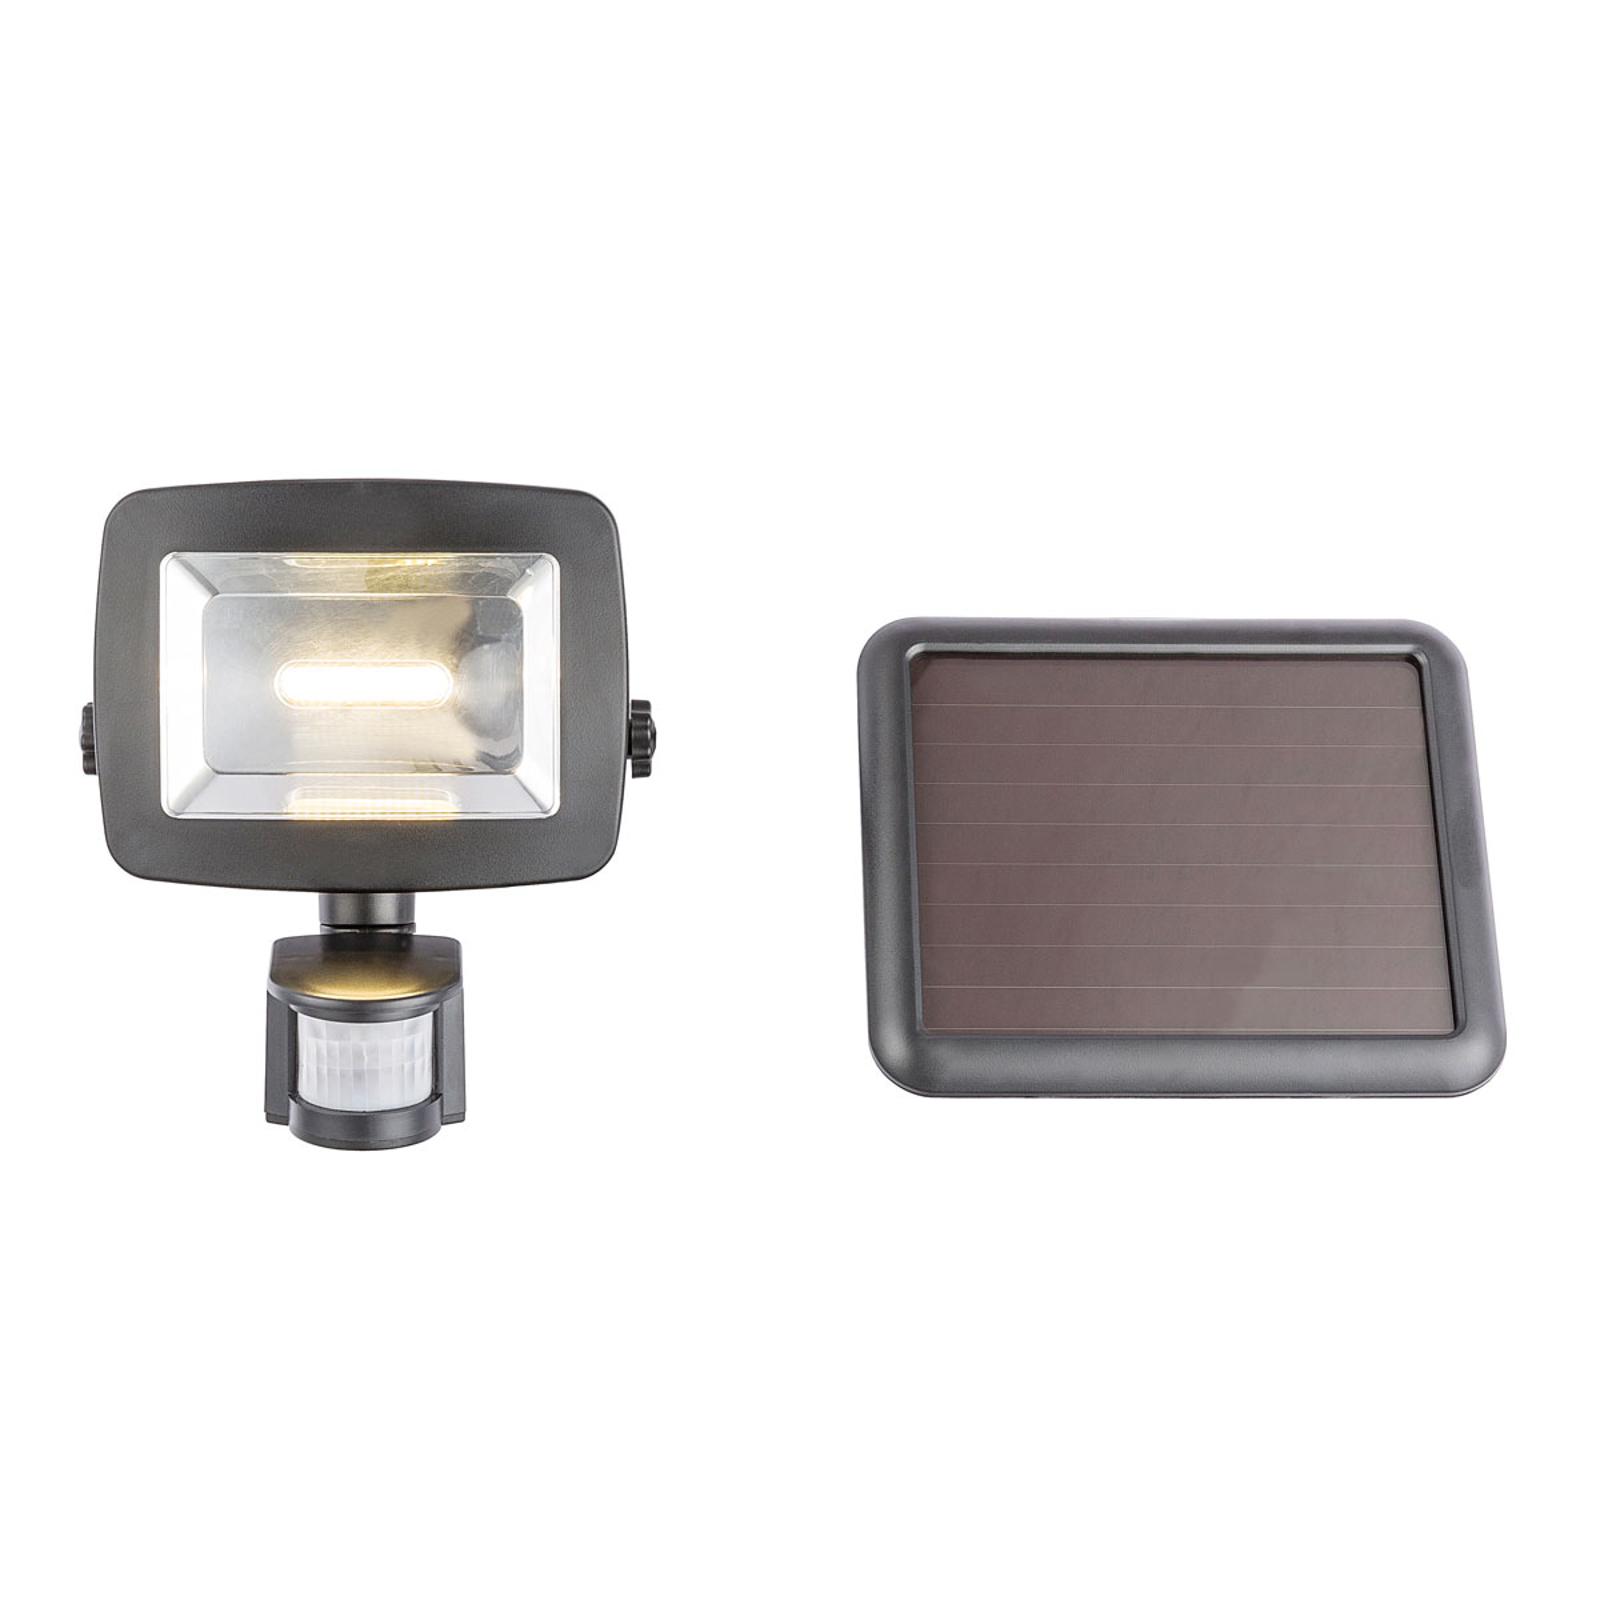 Solarny kinkiet zewnętrzny LED 37201S, czujnik